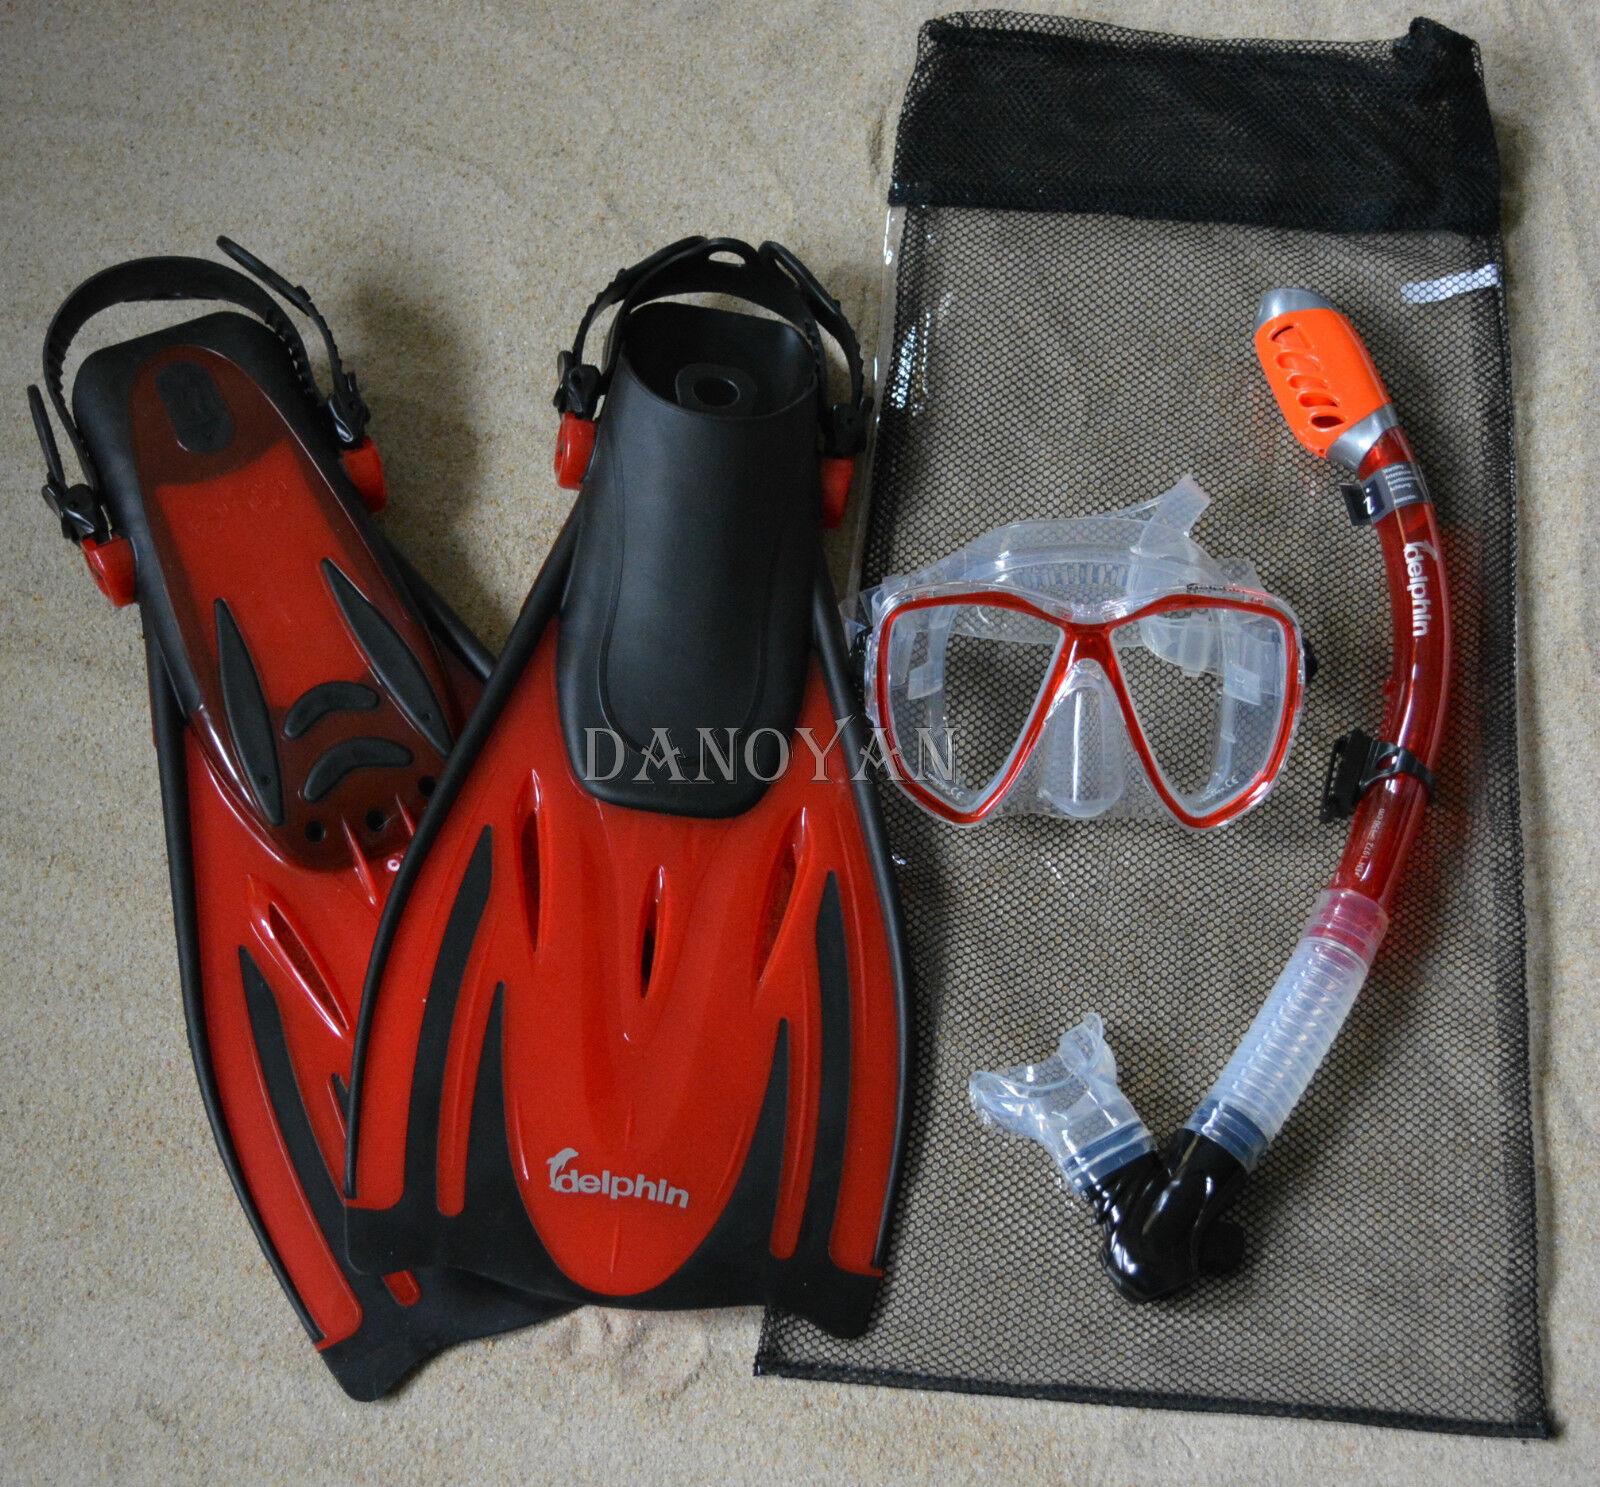 Profi Tauch und Schnorchelset Delphin NEU +Transporttasche aus Netzstoff 42 - 45  | Qualität zuerst